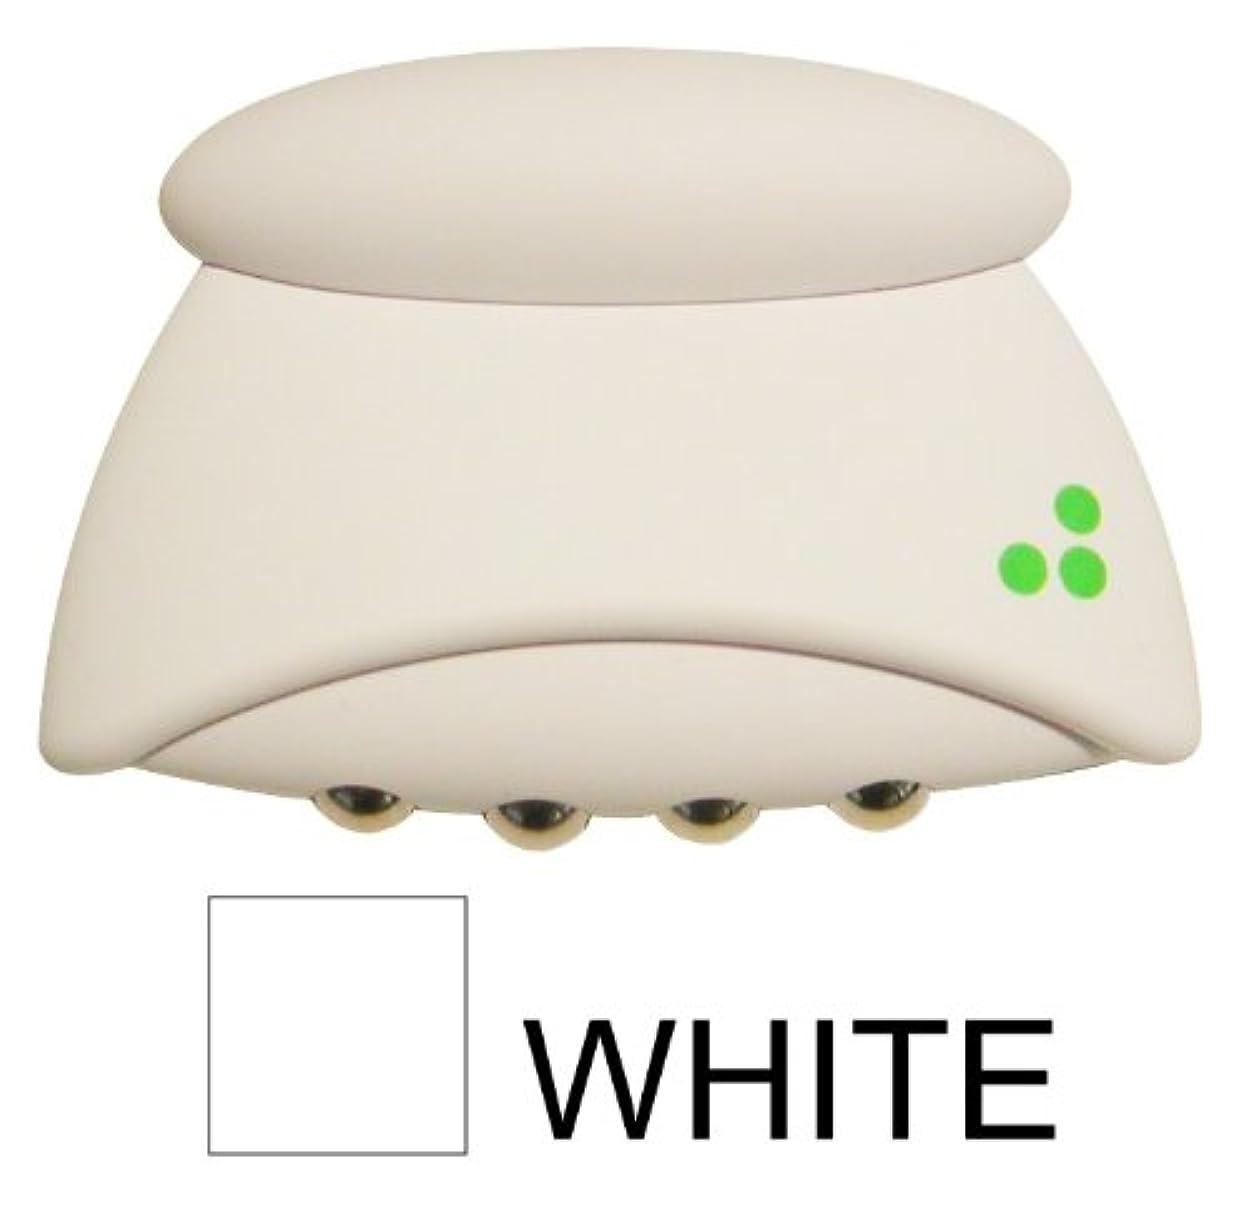 櫛絶滅させるキルトシェルブル(shell-bulu)CLV-165(WH)ホワイト